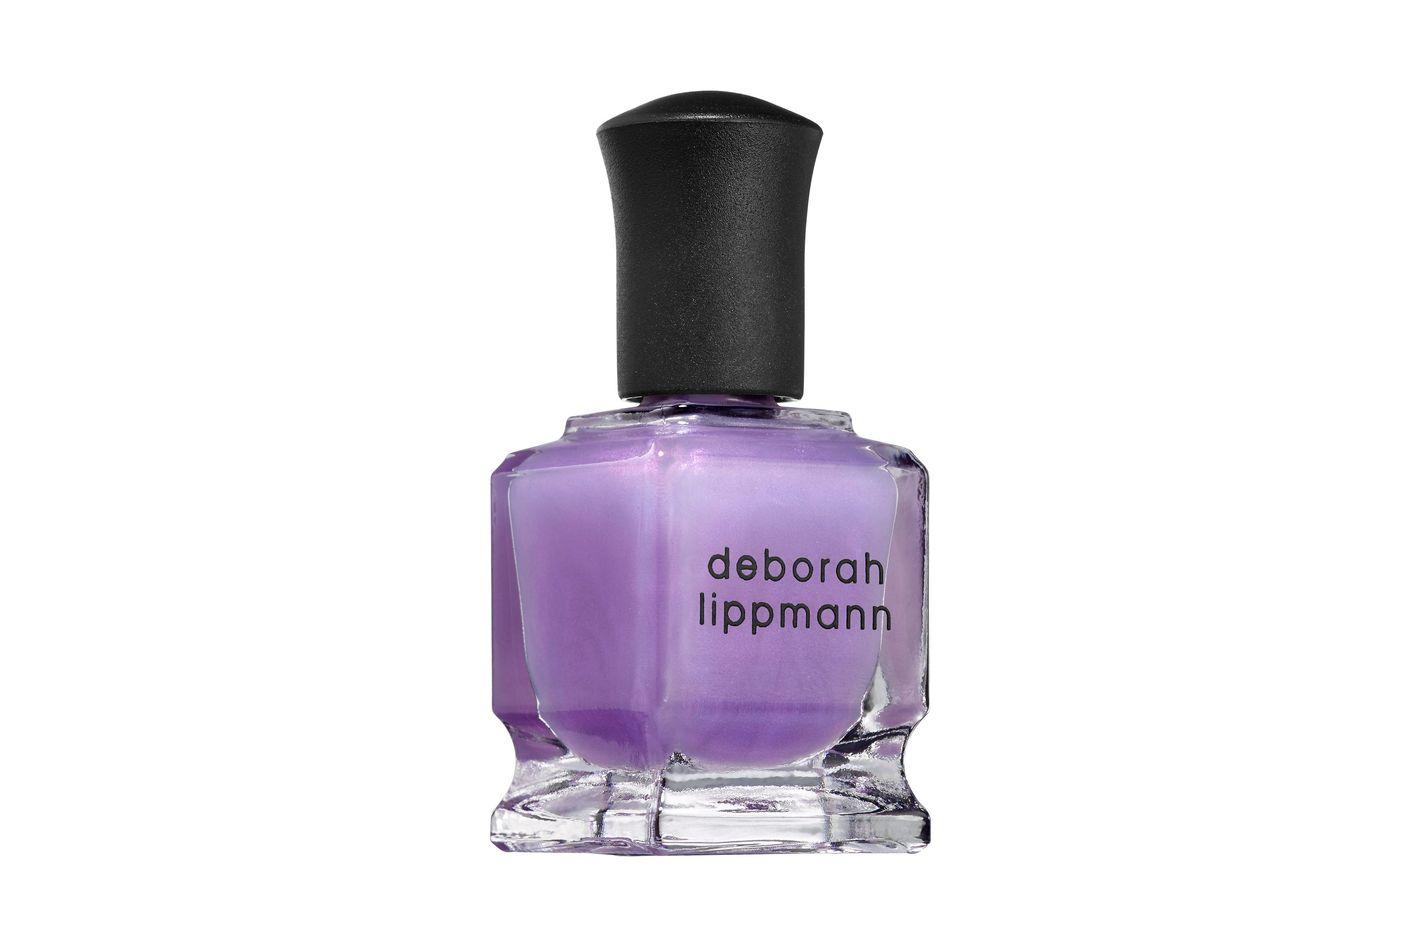 Deborah Lippmann Genie in a Bottle